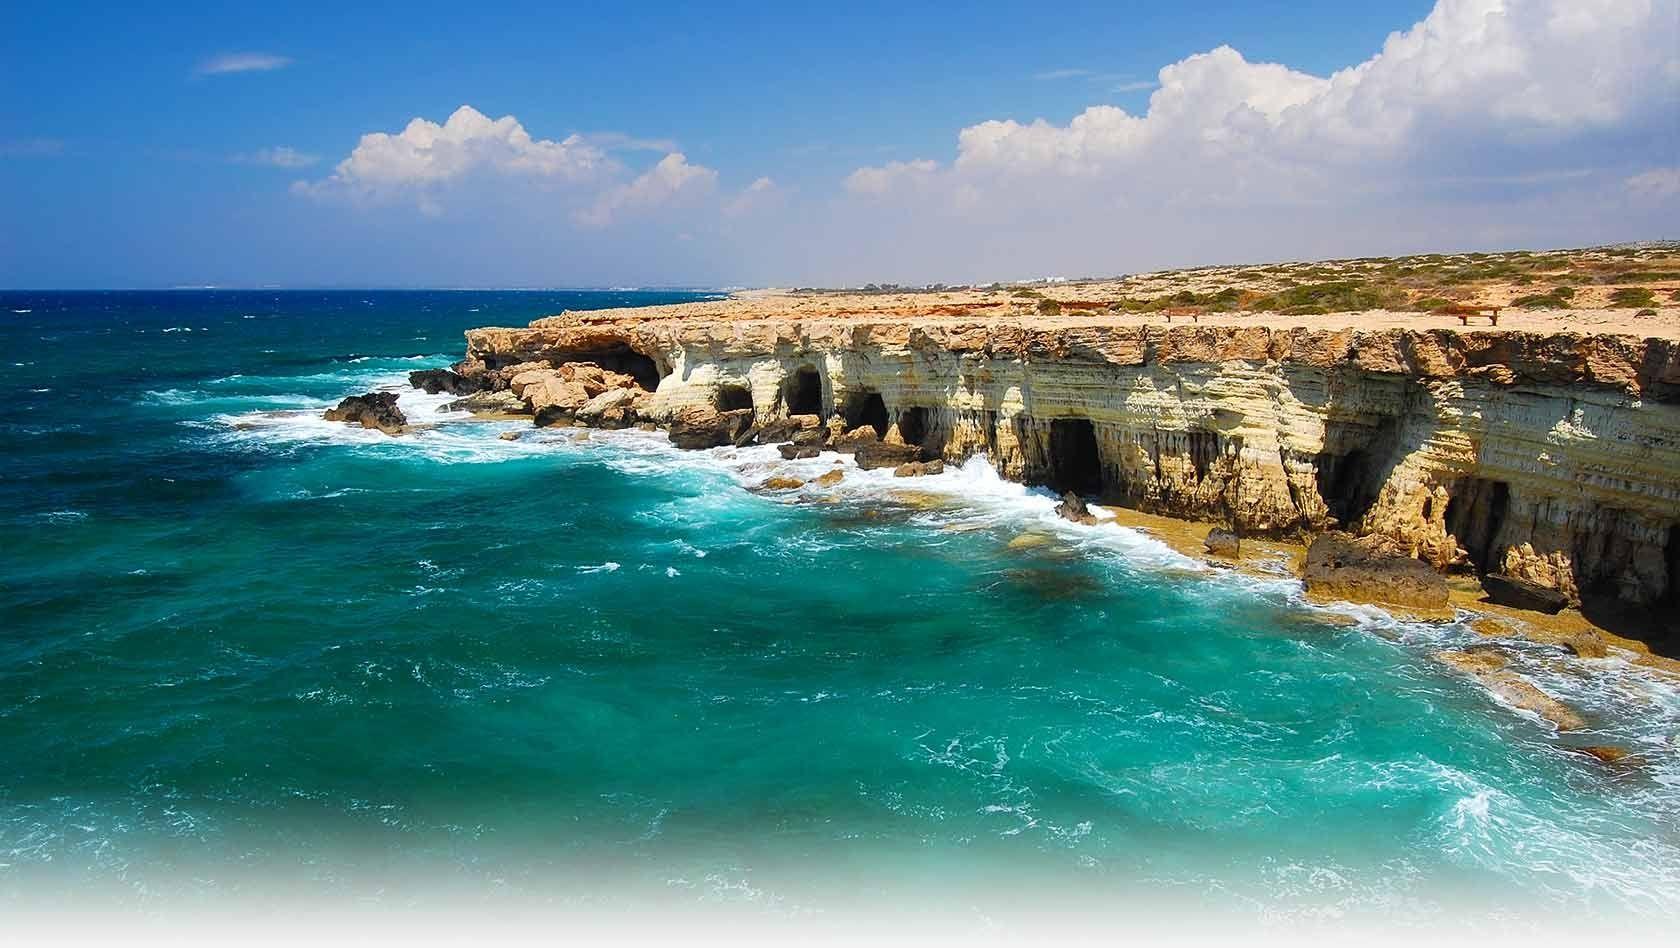 Турецкий Barbaros взял курс на Кипр